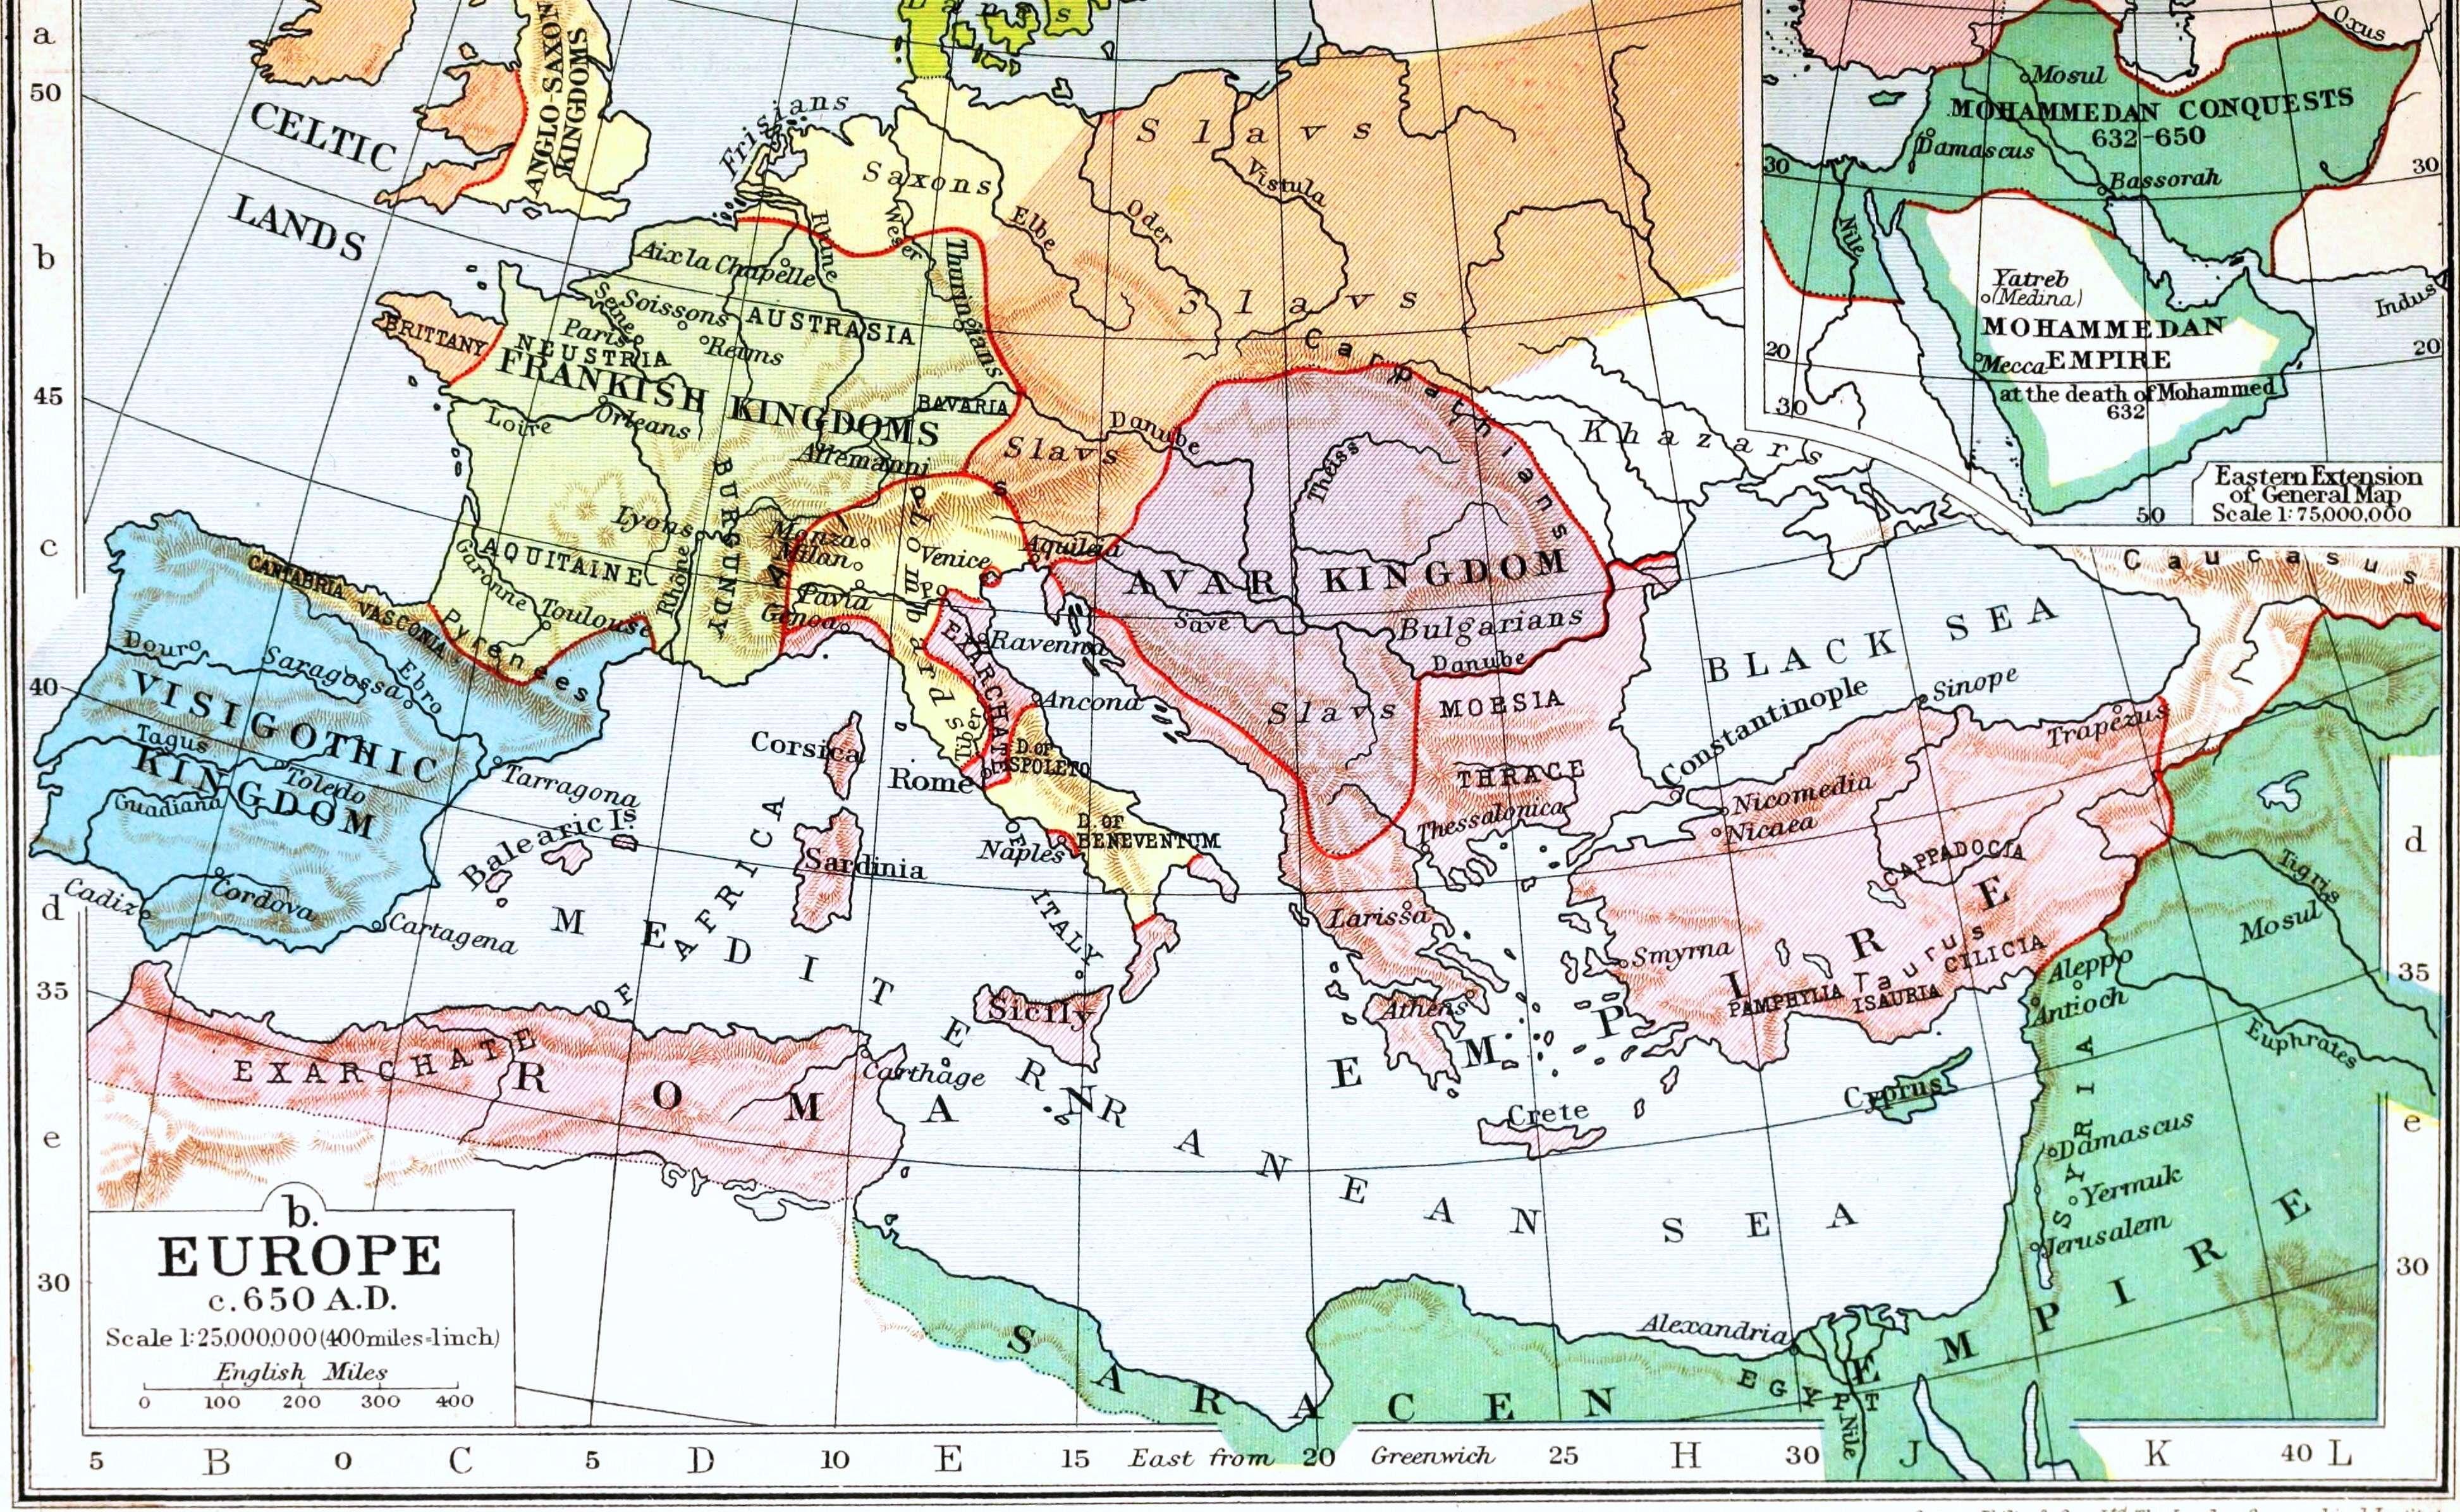 Χάρτης: Οι Σλάβοι στην Ευρώπη κατά το 650. Map: The Slavs in Europe in the 650s